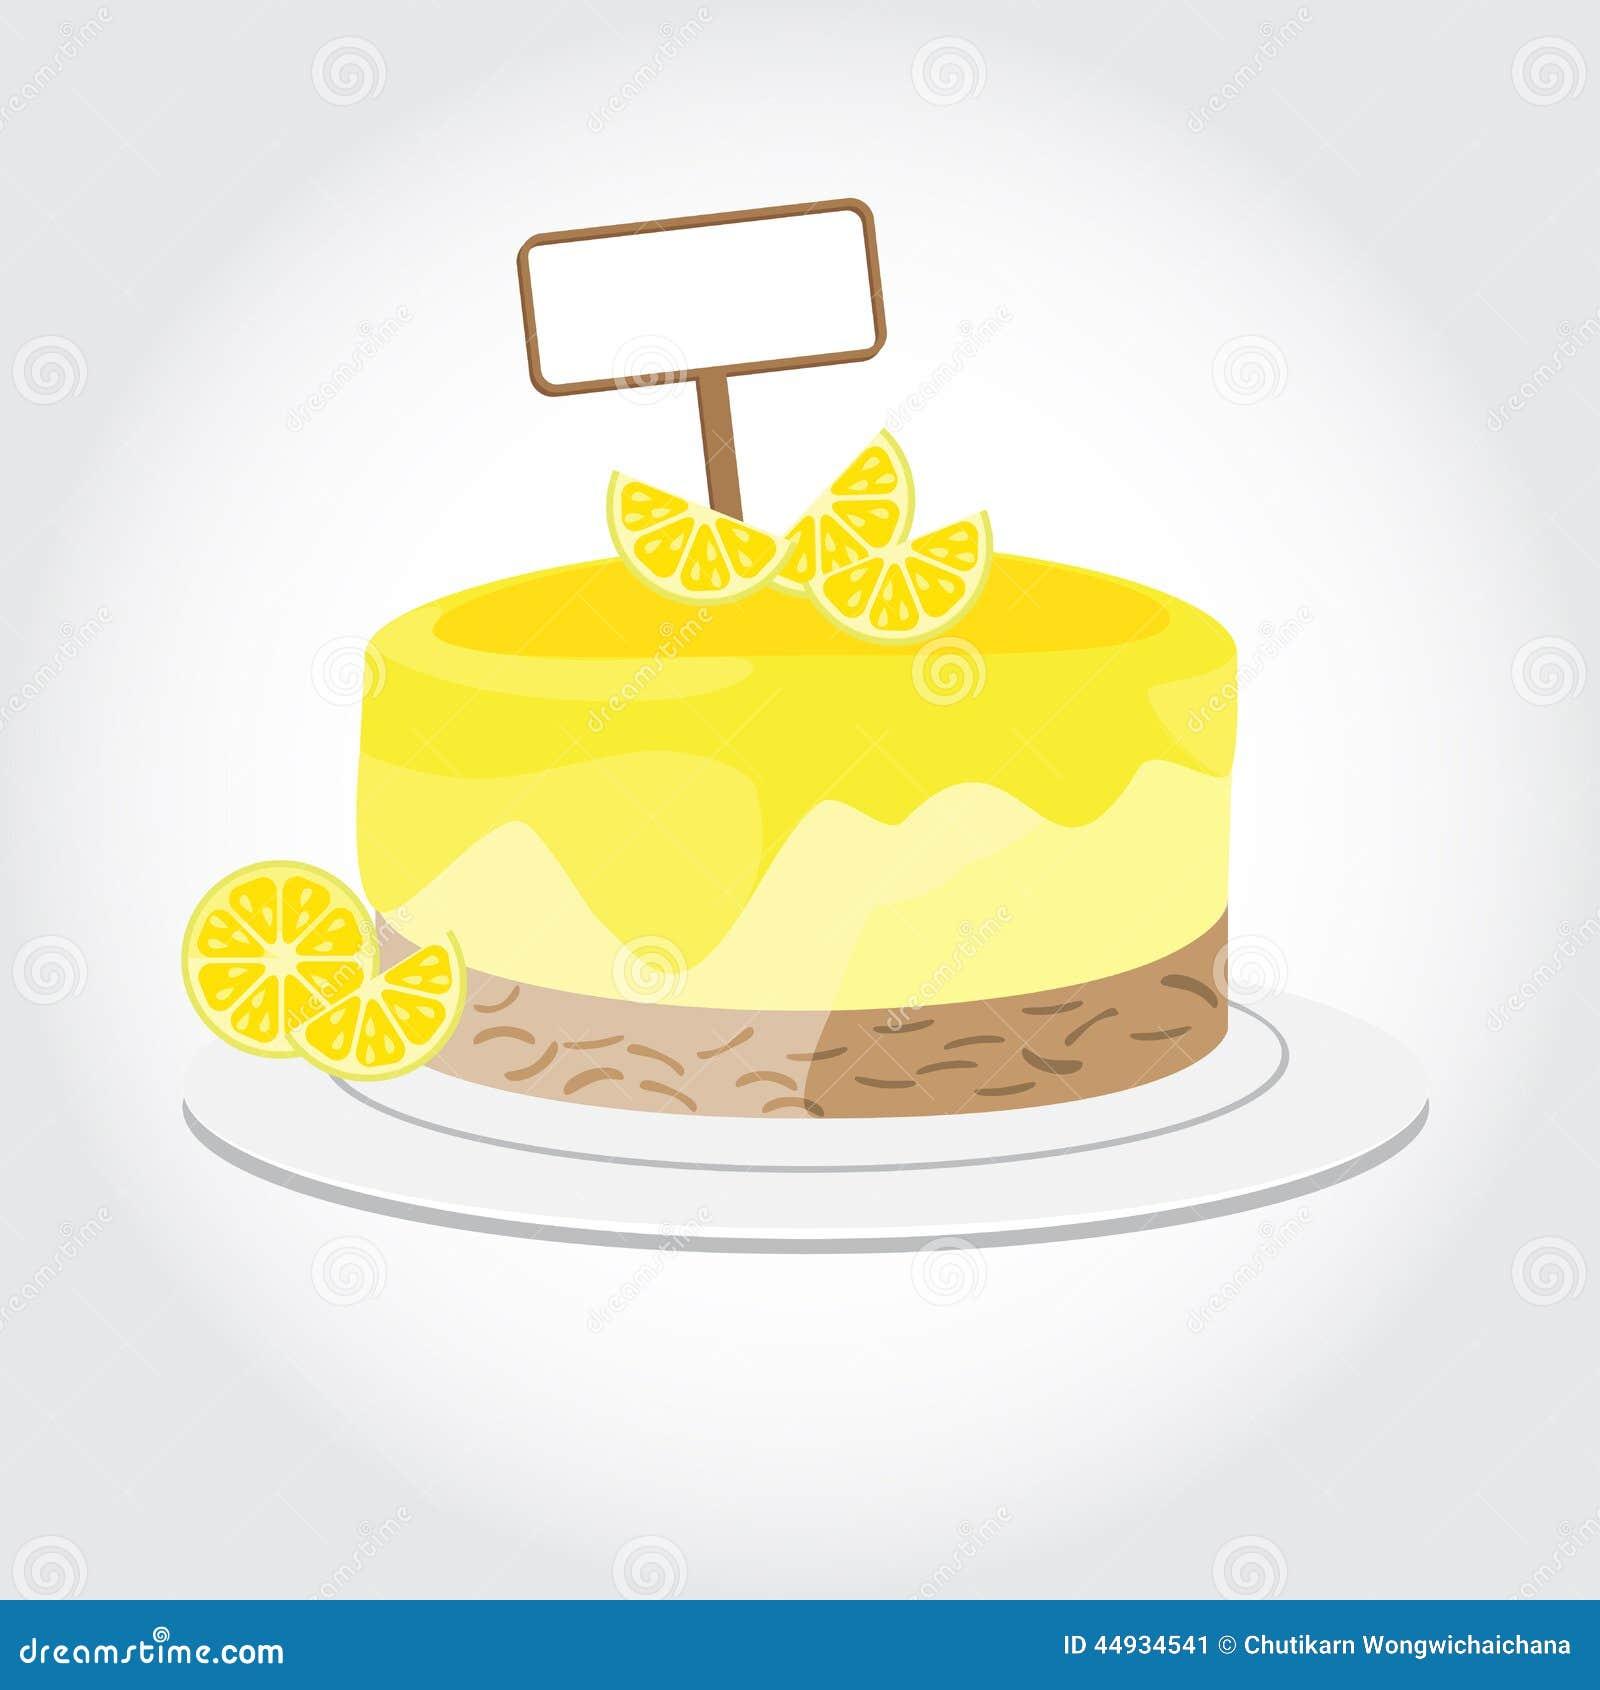 Lemon Cake Illustration 44934541 Megapixl